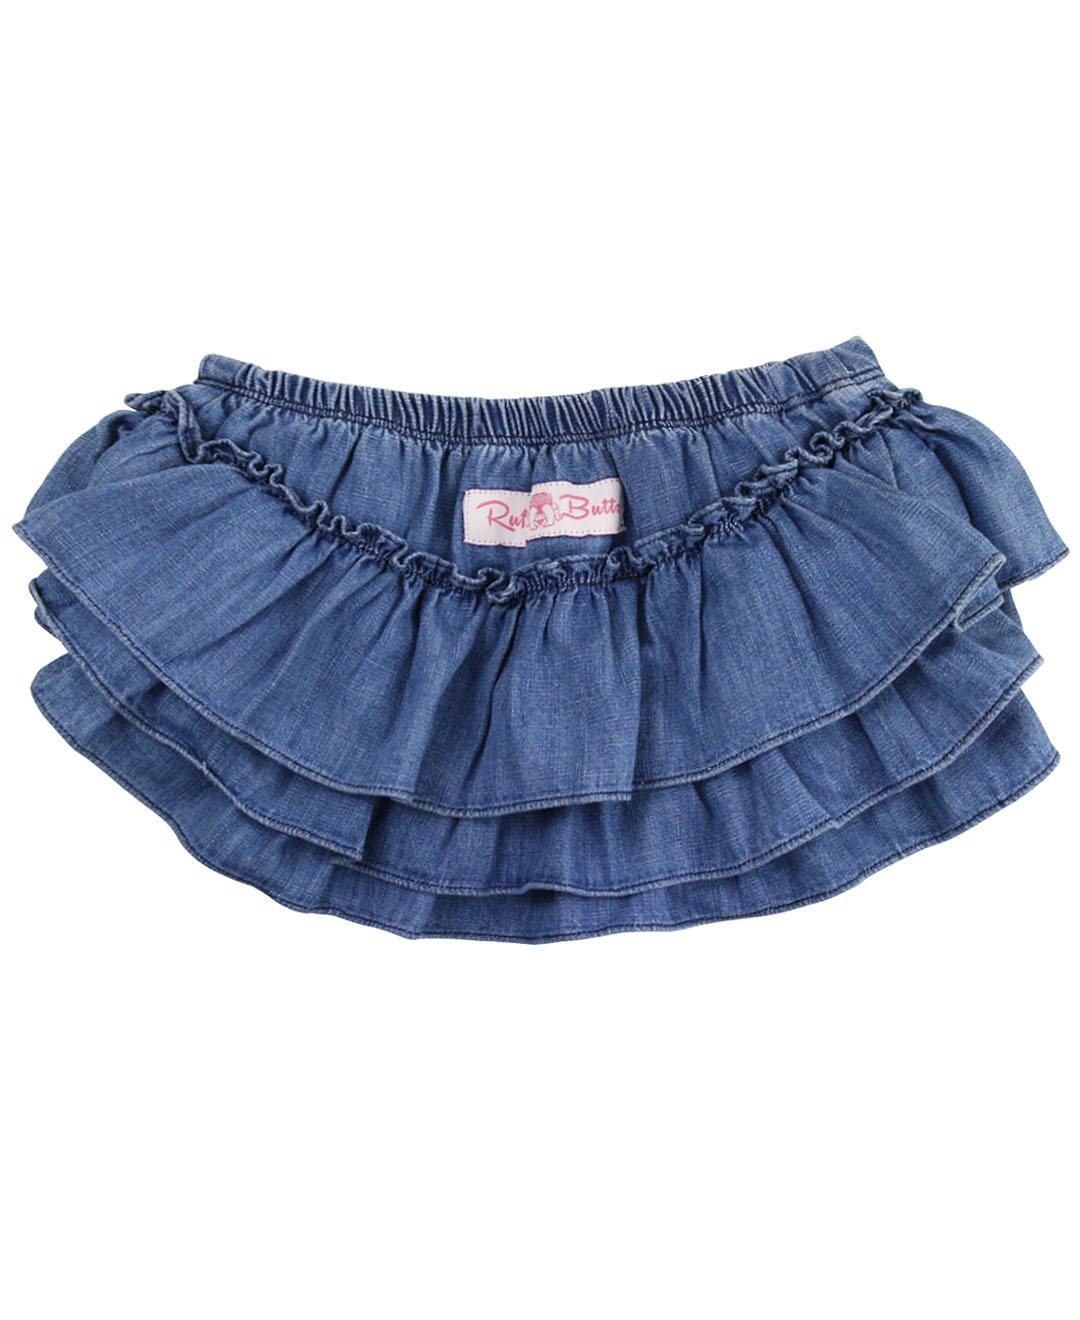 RuffleButts Little Girls Light Wash Denim Skirted Bloomer - 12-18m